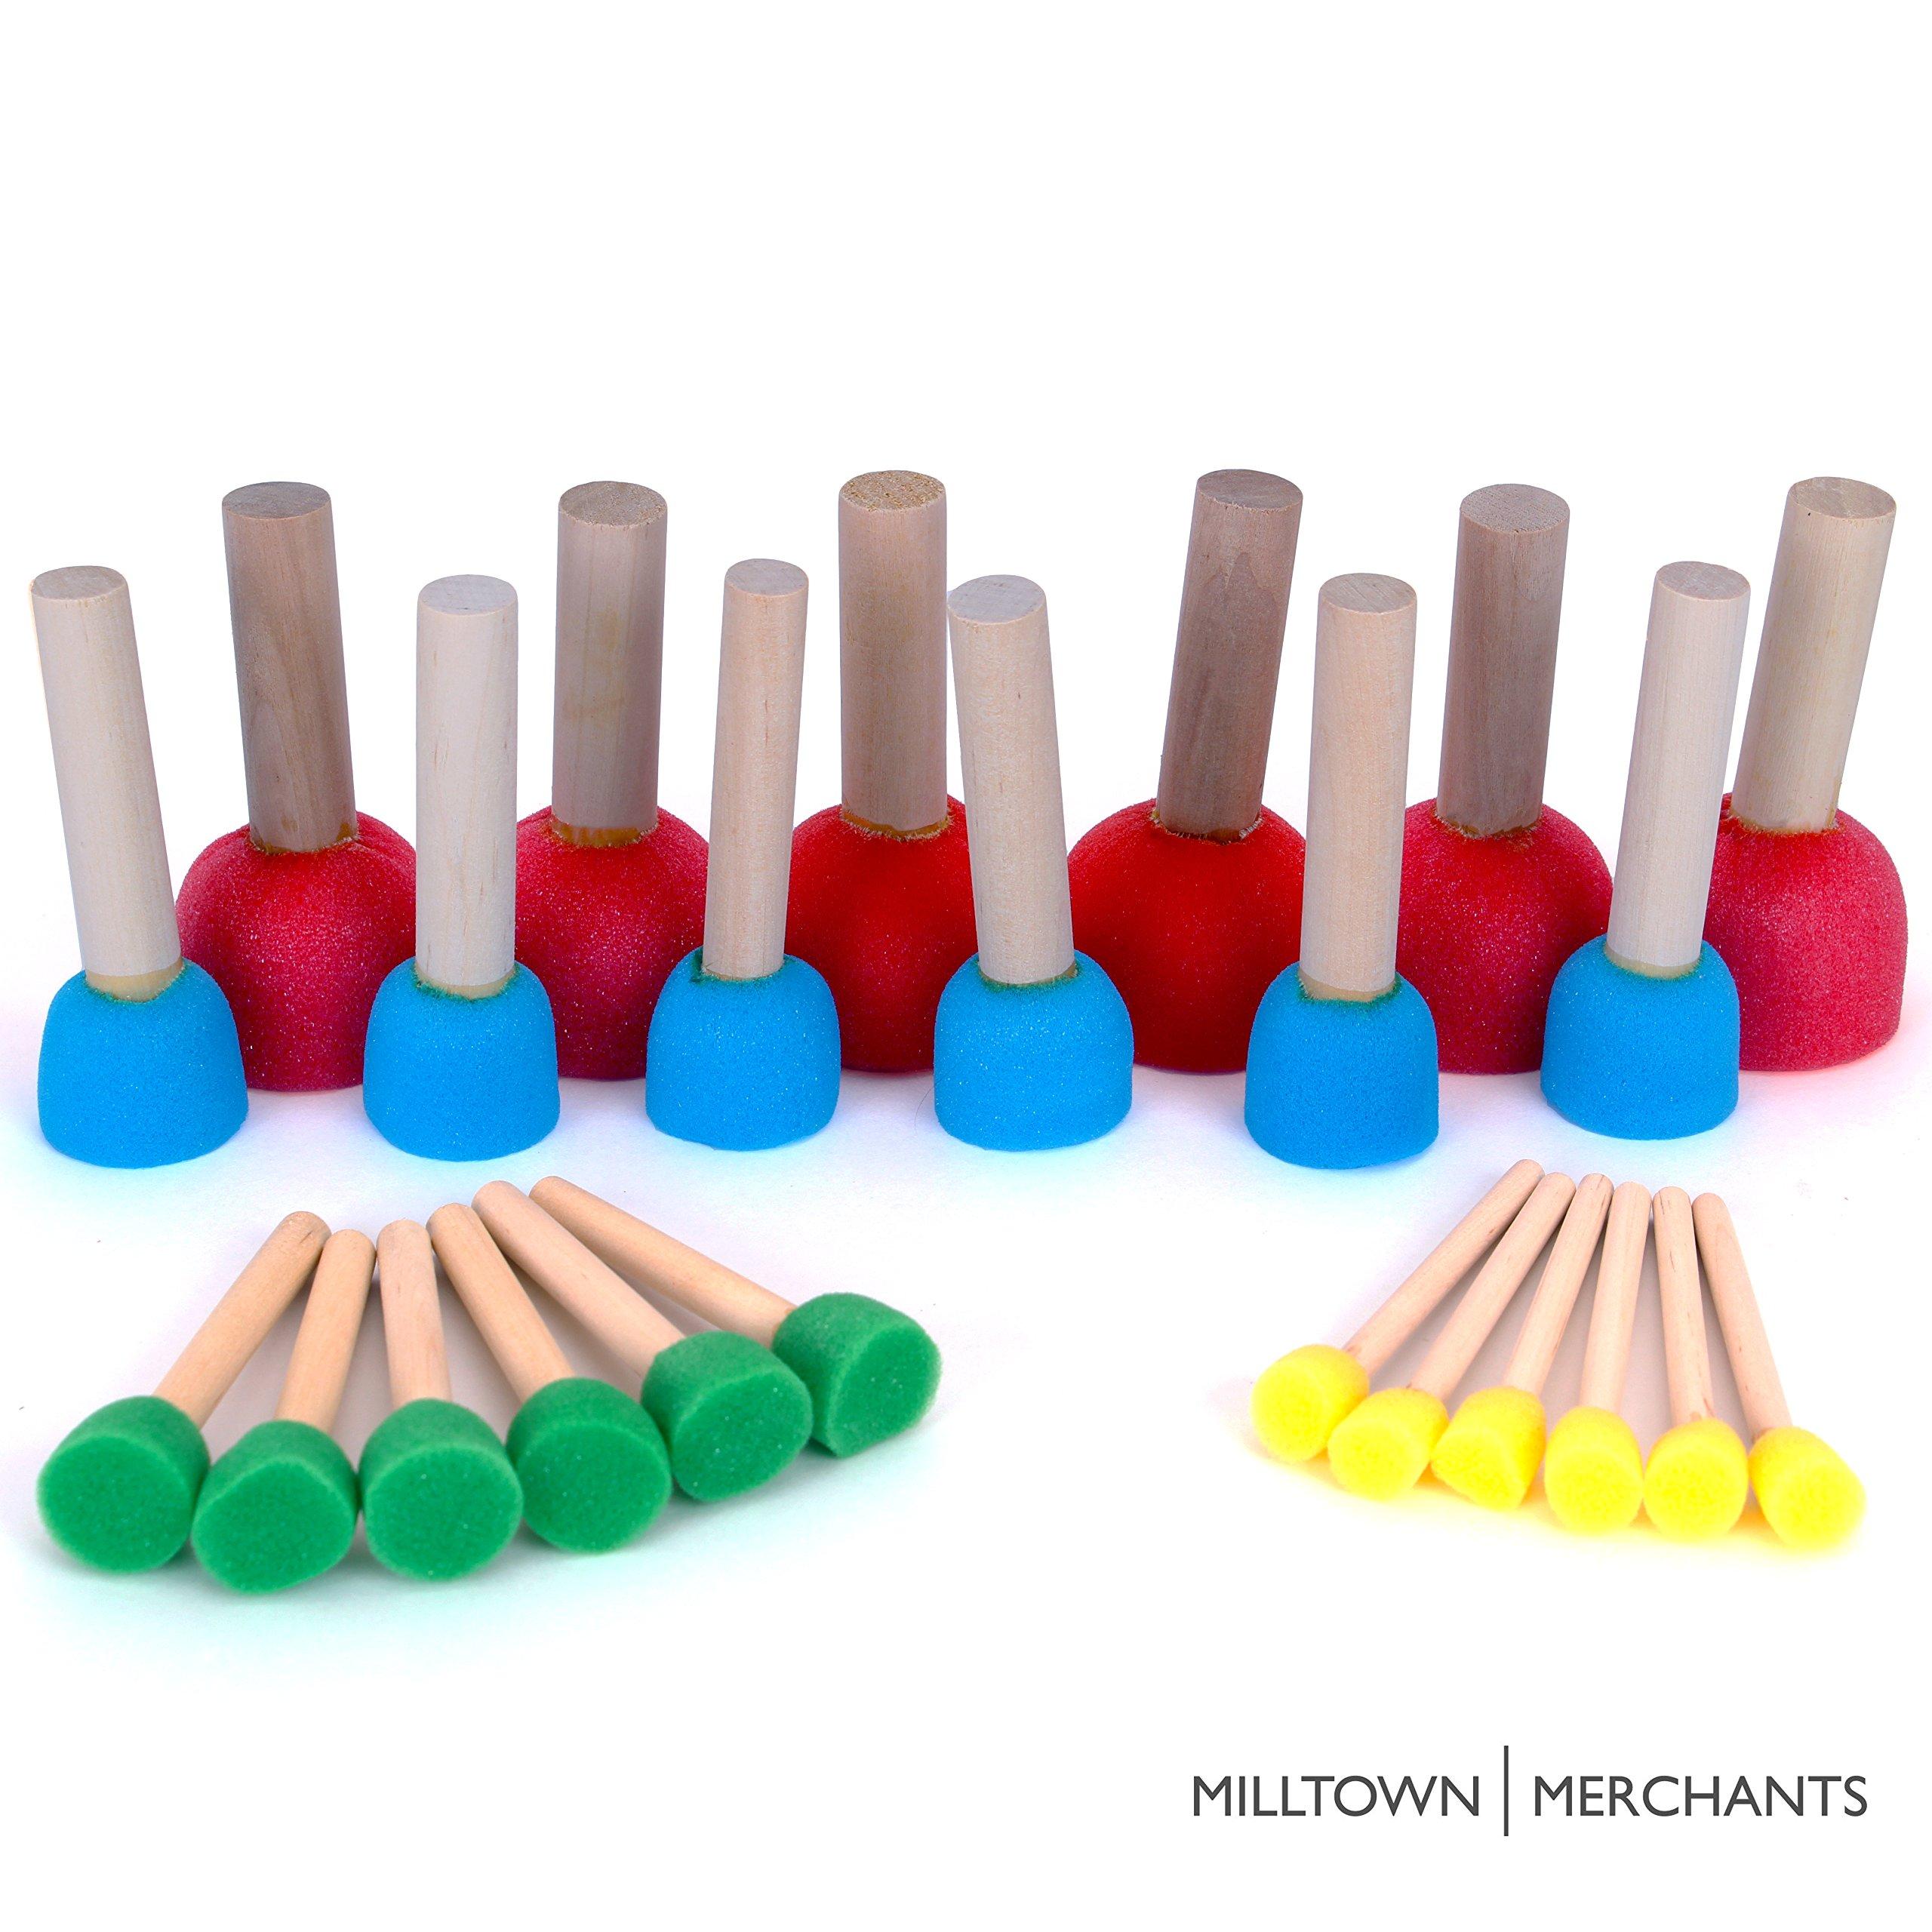 Foam Pouncer Assortment - Sponge Painting Stippler Set 24/pkg - Foam Brush Value Pack - 6 (1/2''), 6 (3/4''), 6 (1-3/16'') 6 (1-3/4'')